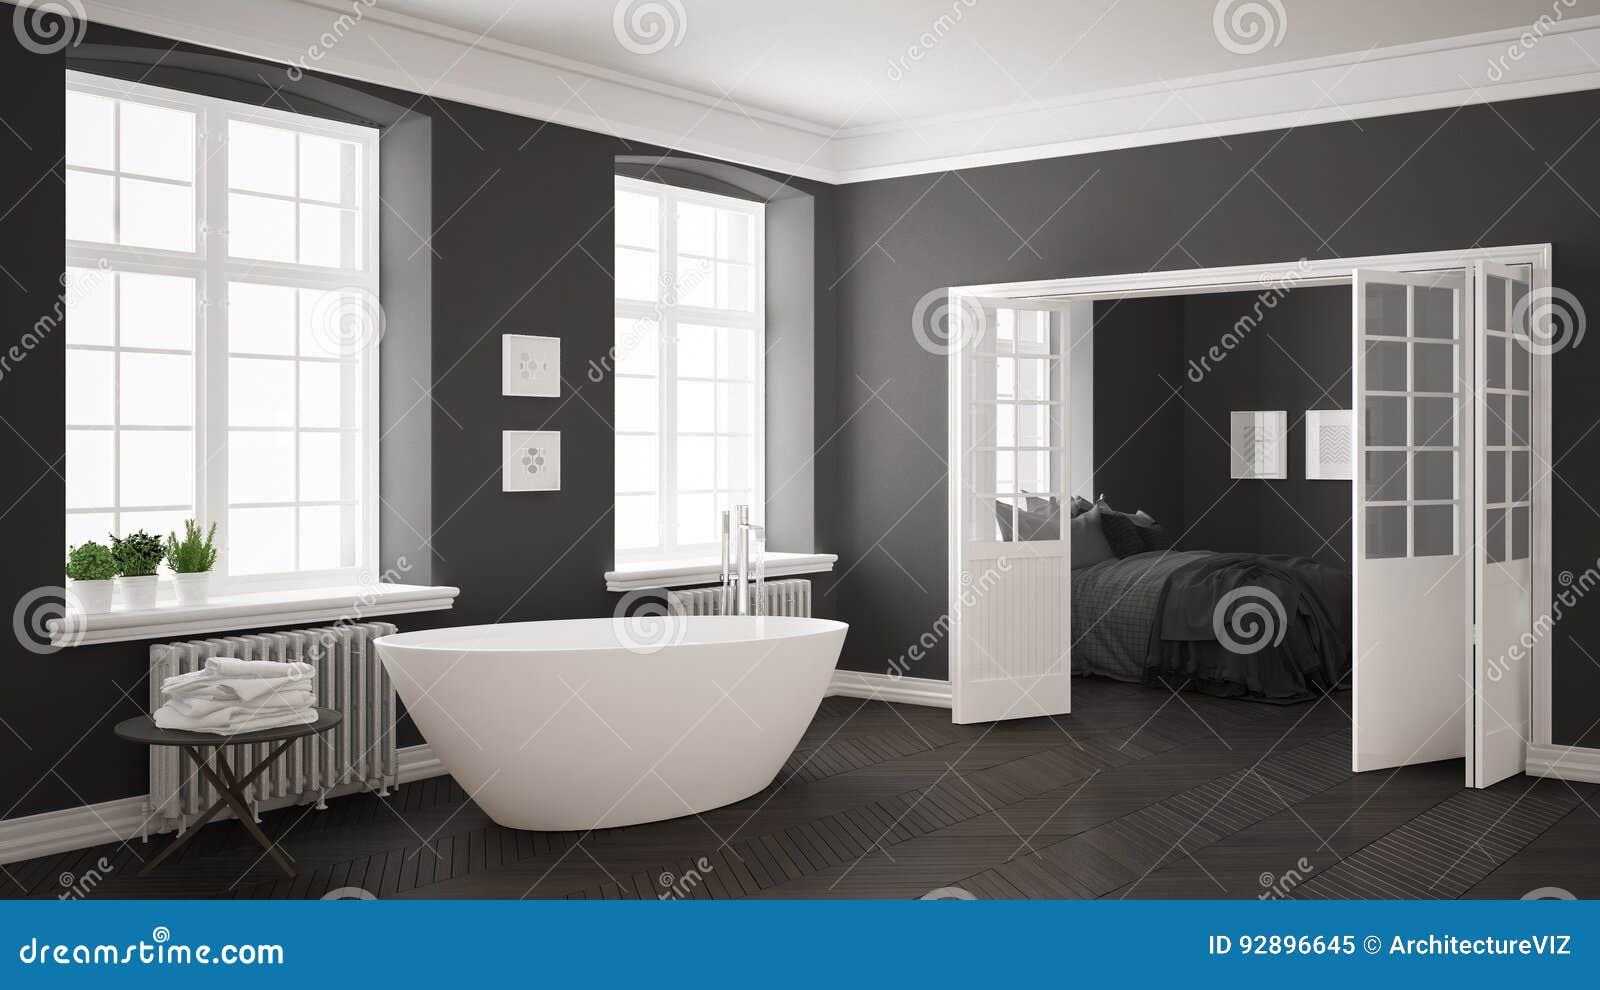 Camera Da Letto Bianco E Grigio : Bagno bianco e grigio scandinavo minimalista con la camera da